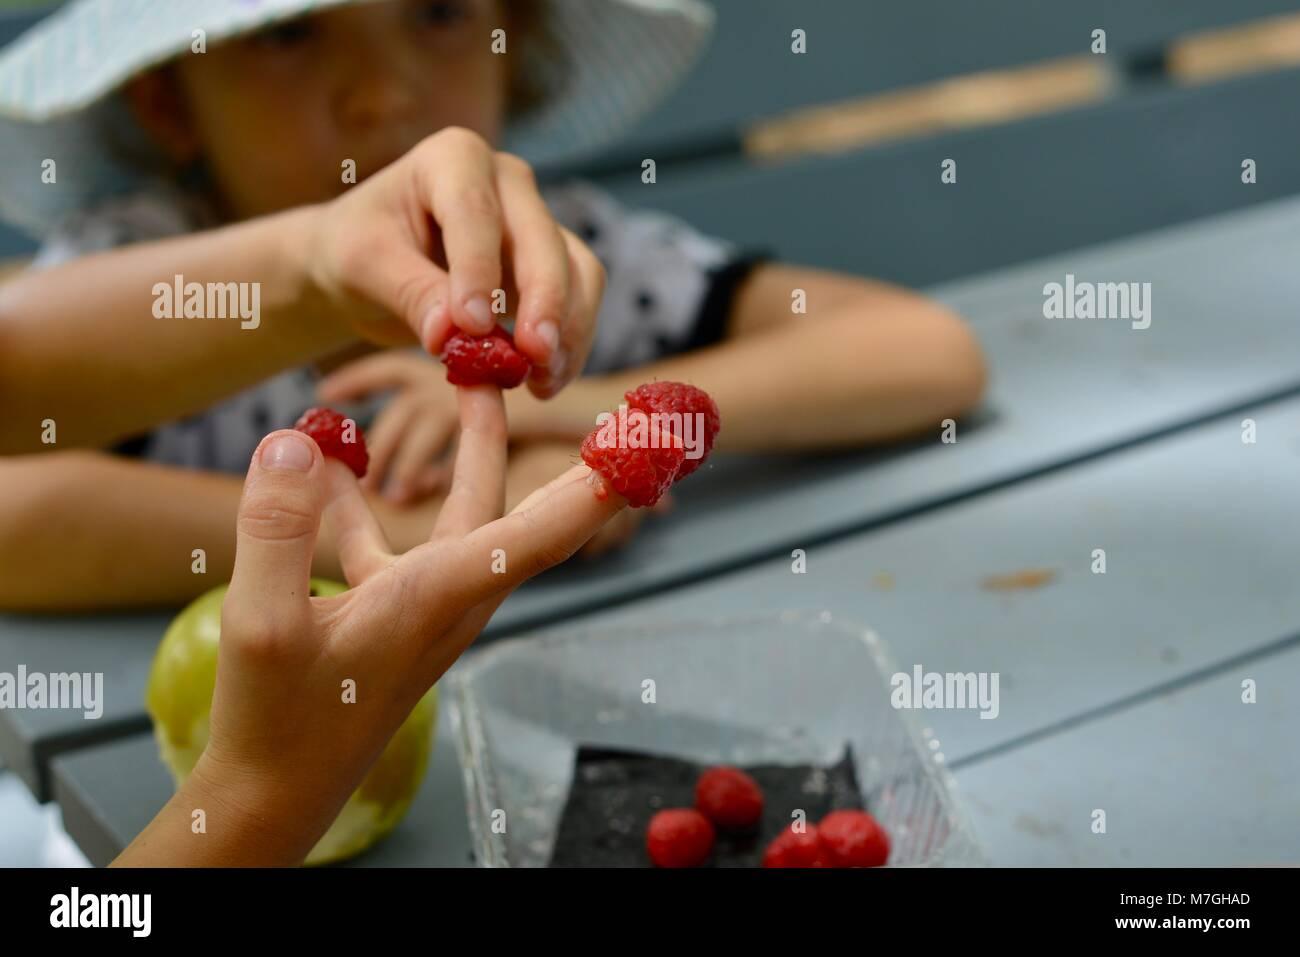 Los niños comer frambuesas, Apex, Parque Riverway duro, Condon QLD, Australia Imagen De Stock